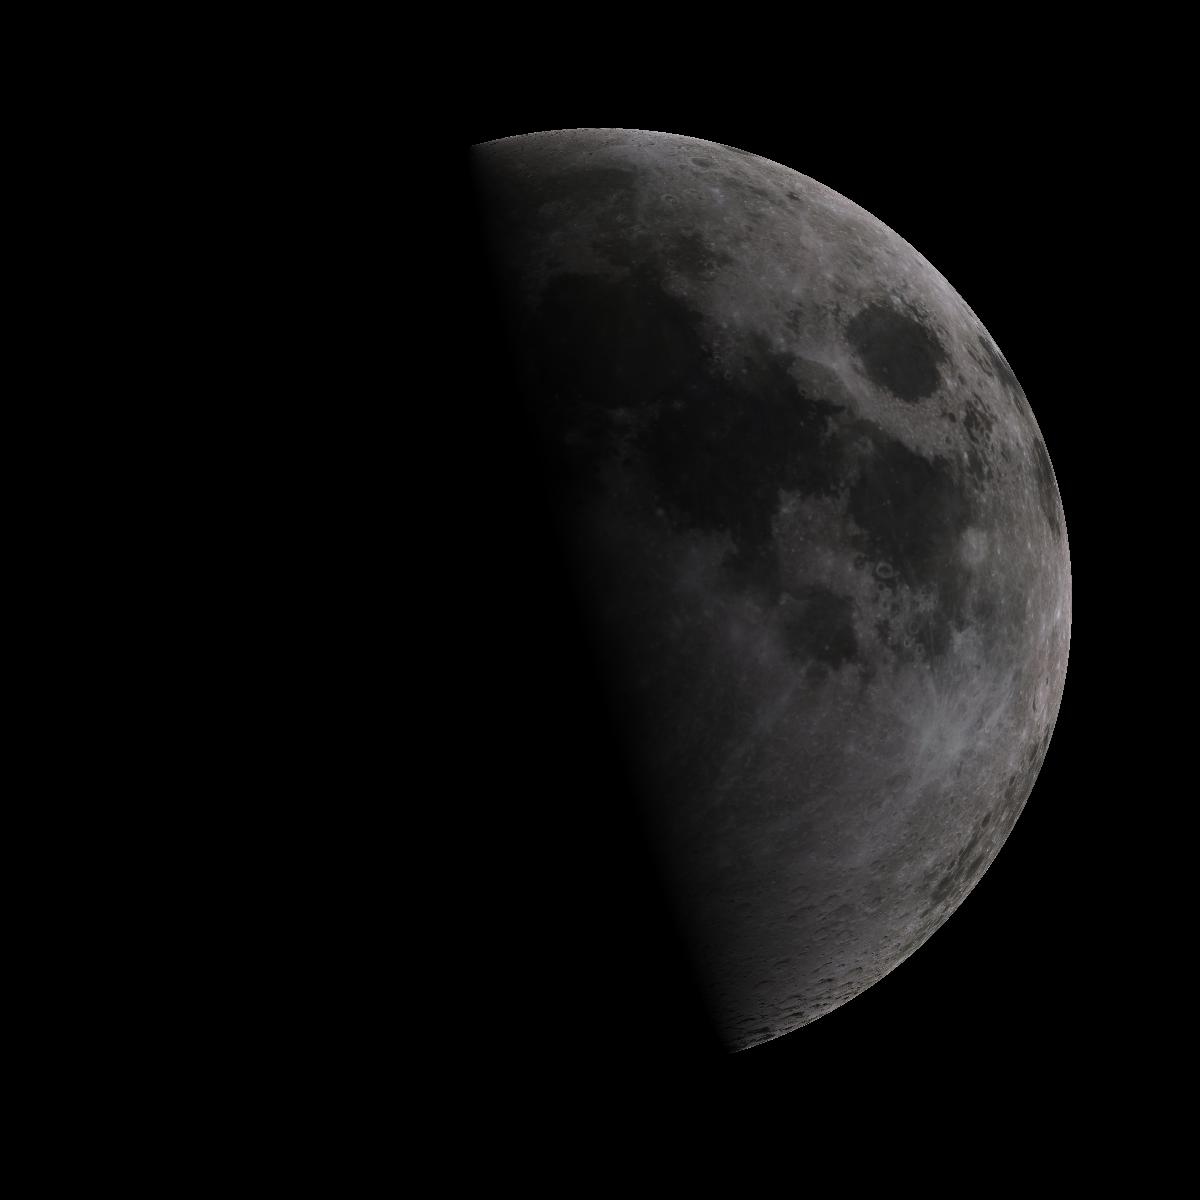 Lune du 8 aout 2019